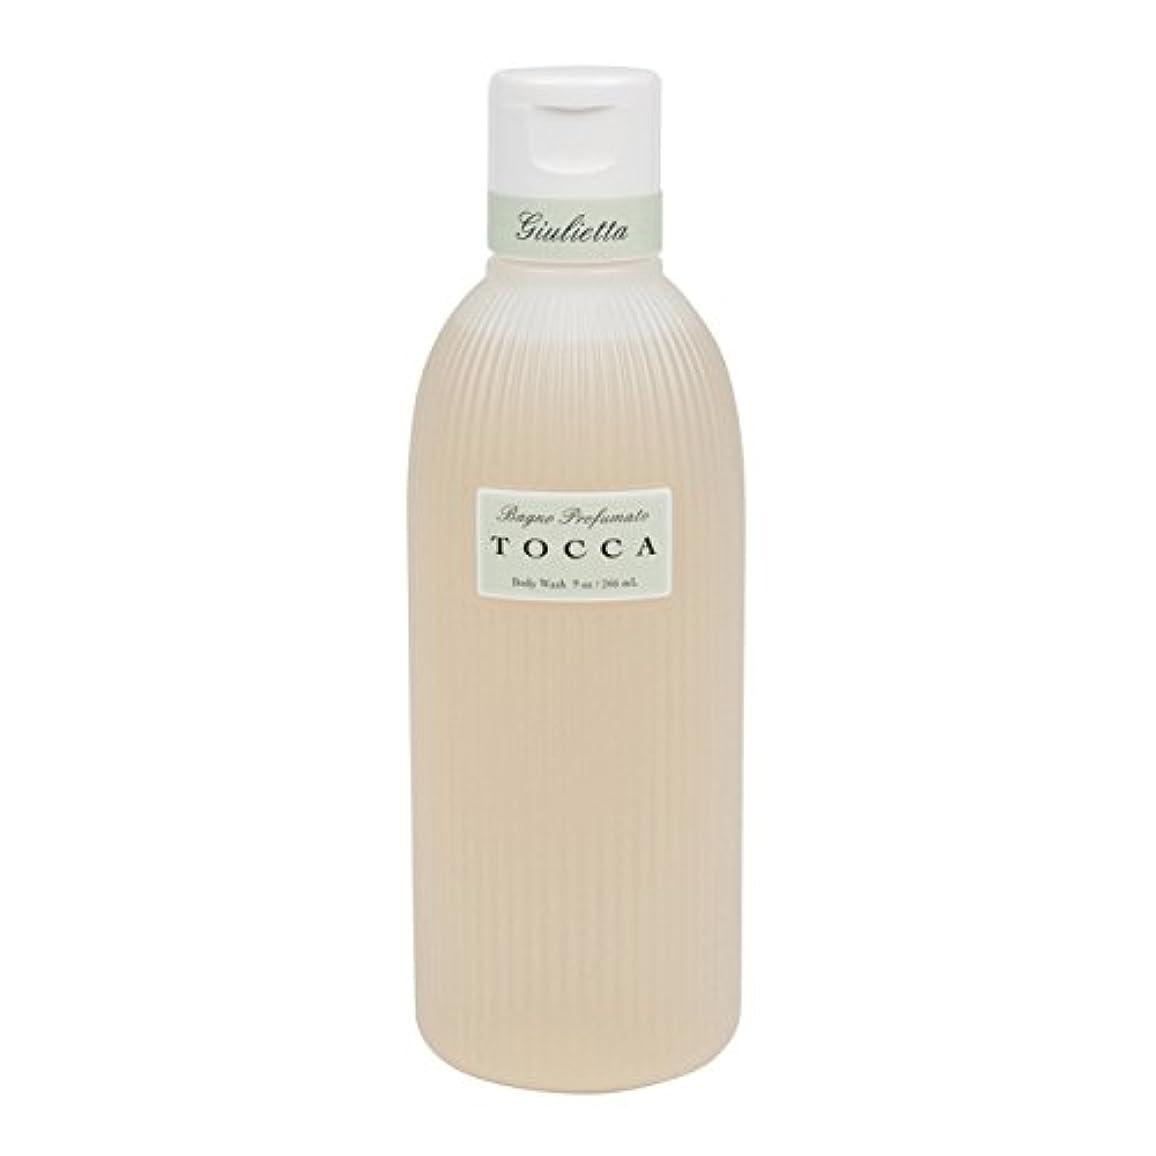 使役ハウジングインゲントッカ(TOCCA) ボディーケアウォッシュ ジュリエッタの香り  266ml(全身用洗浄料 ボディーソープ ピンクチューリップとグリーンアップルの爽やかで甘い香り)